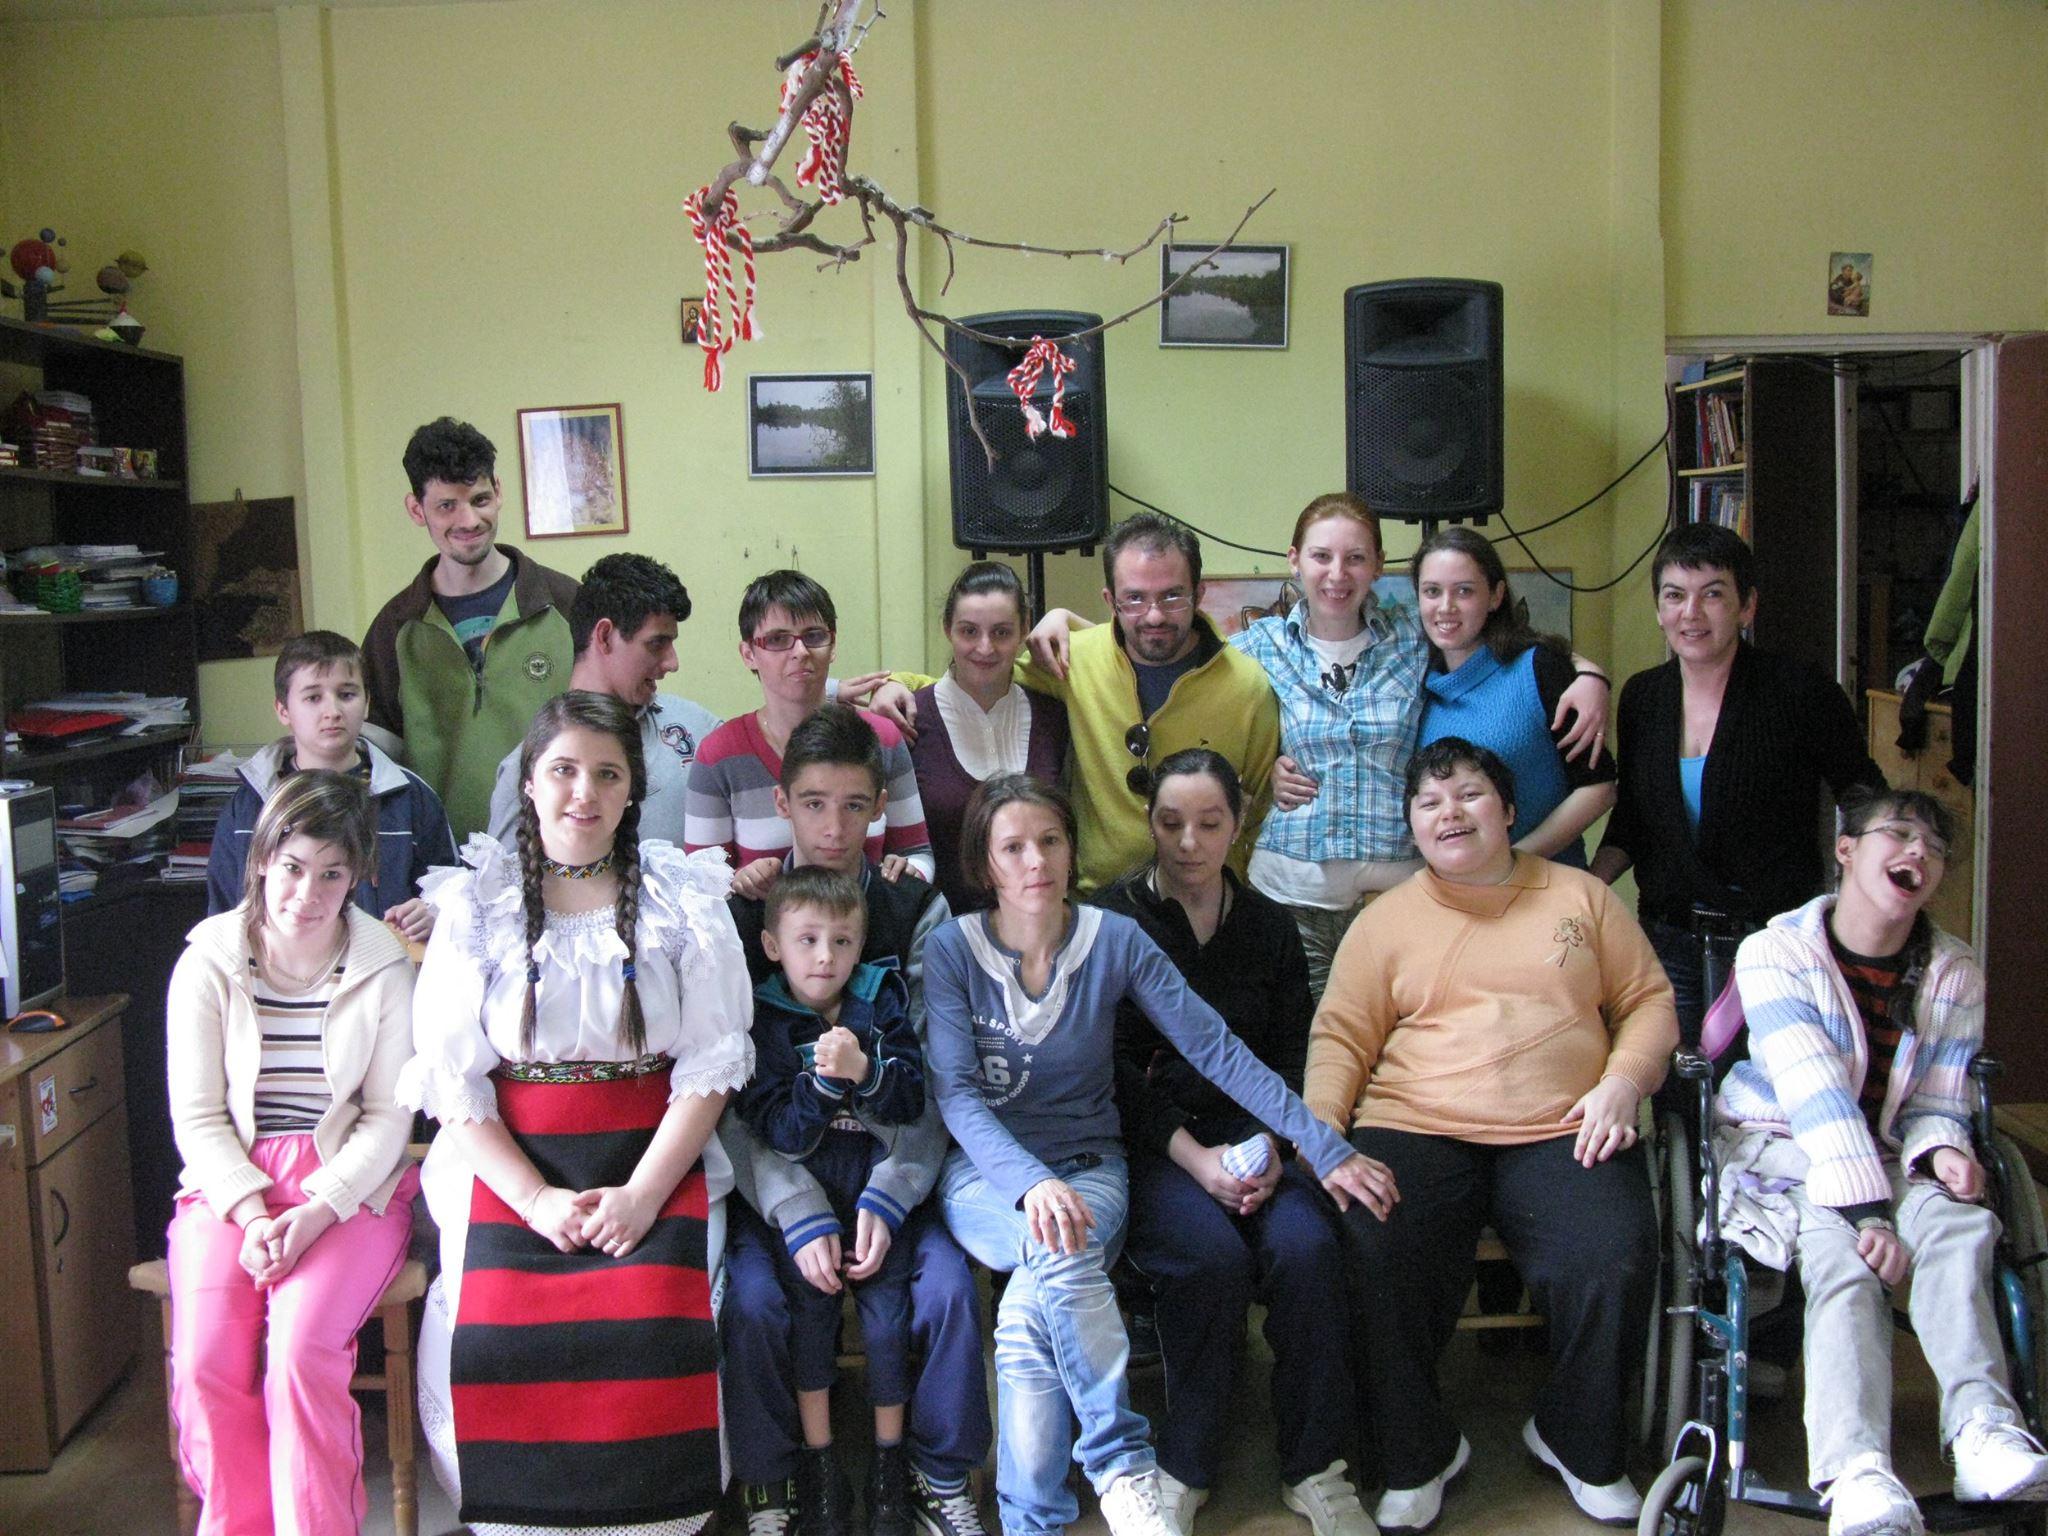 Asociația Esperando sărbătorește Ziua Internațională a Persoanelor cu Dizabilități